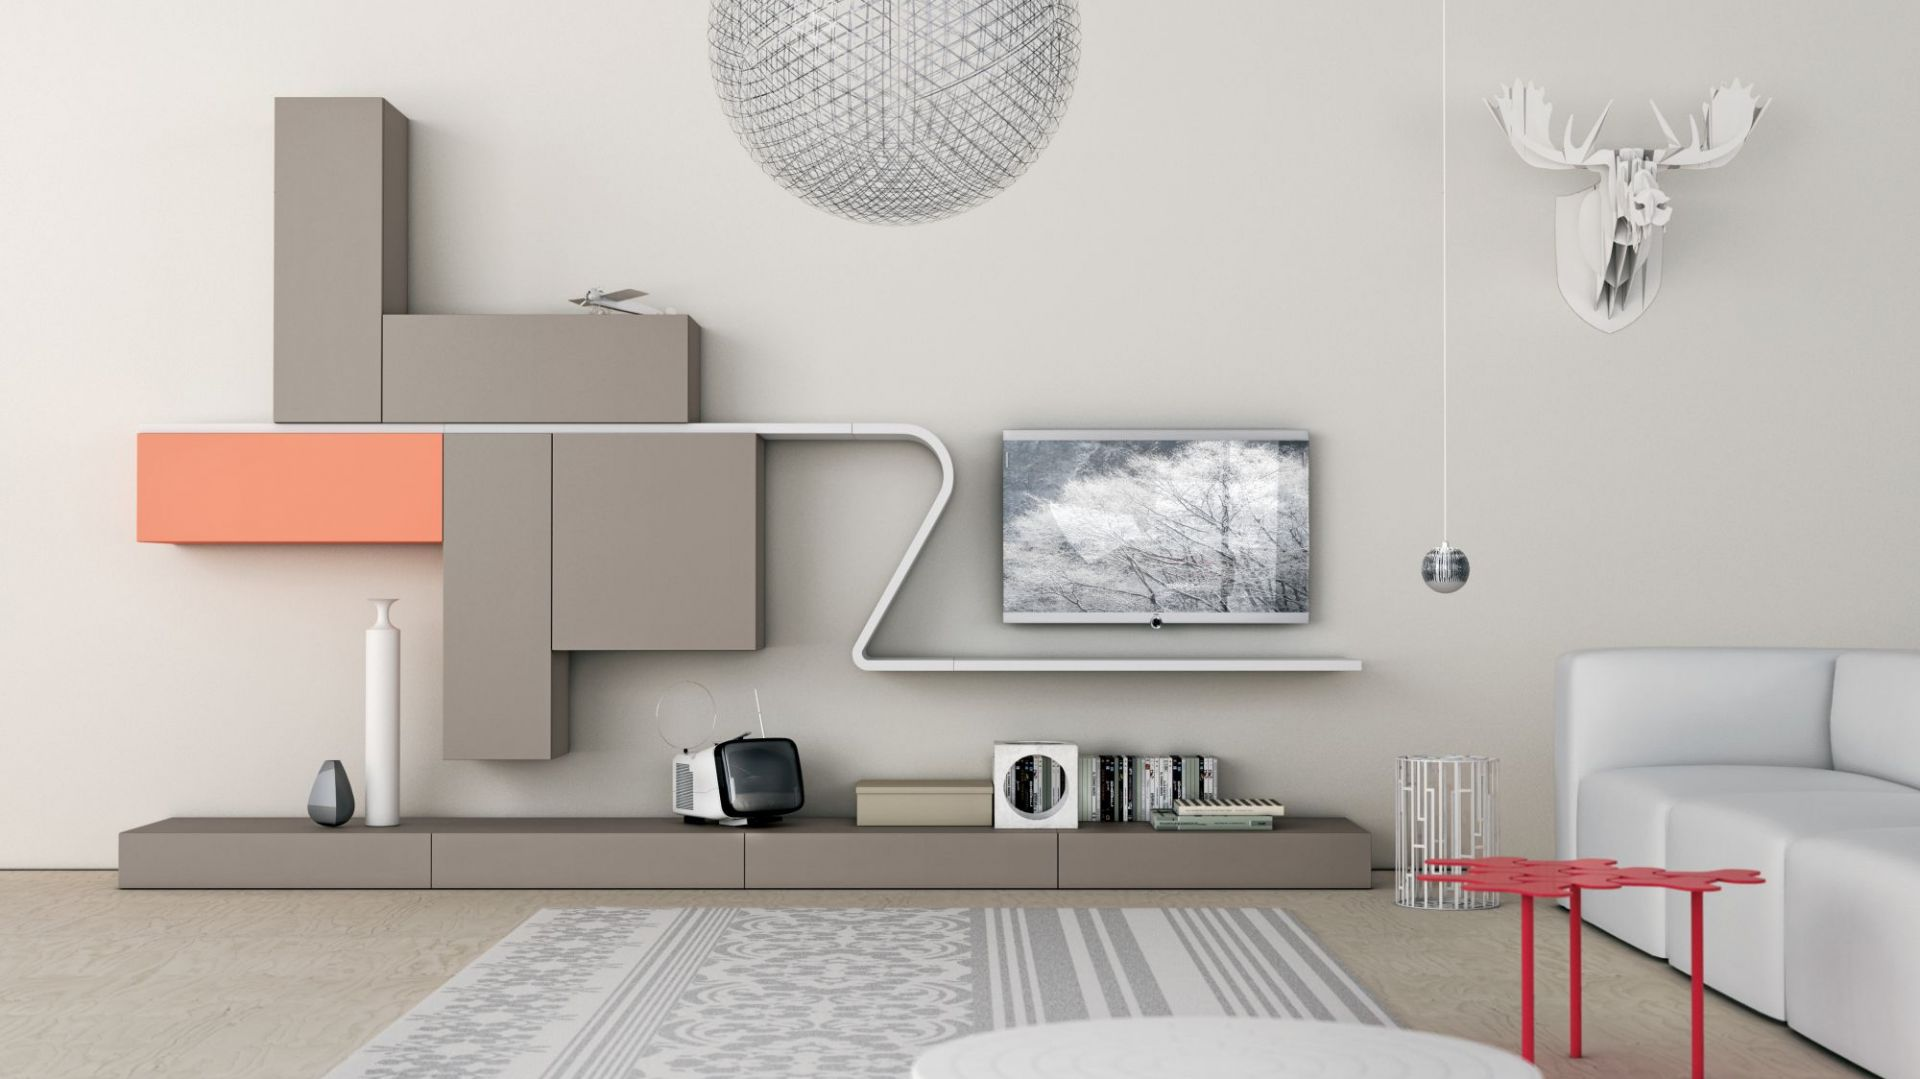 Wejście na rynek wielkowymiarowych, płaskich ekranów TV spowodowało konieczność dostosowania mebli do takiego sprzętu. Dlatego dużym uznaniem i zainteresowaniem cieszą się szafki RTV z tzw. panelem plazmowym. Fot. Go Modern Furniture